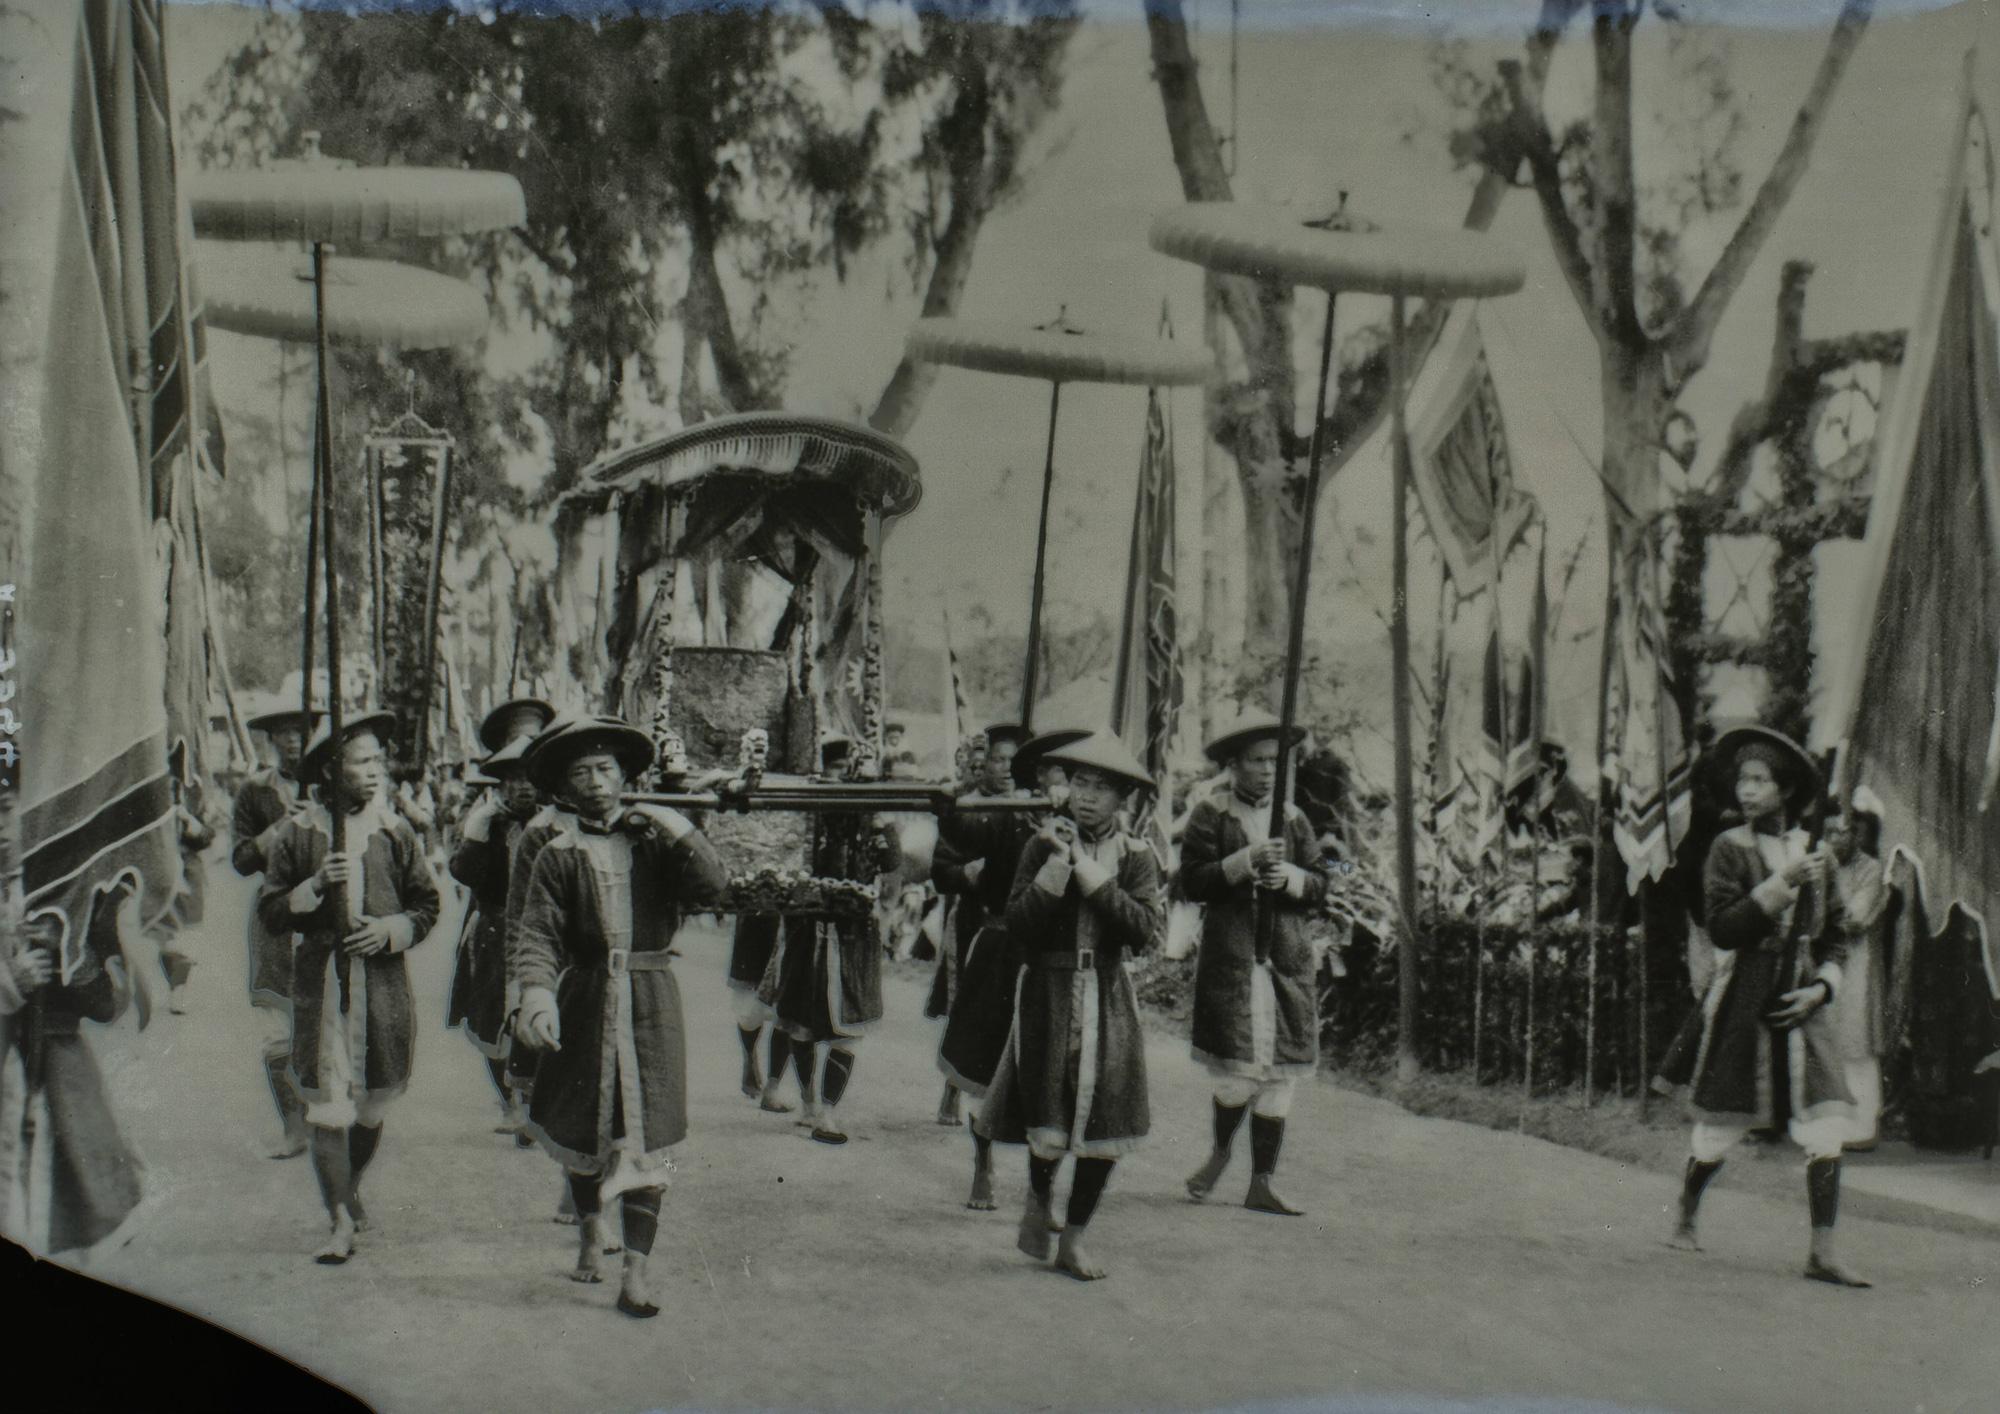 Nghi lễ tế trời đất tại đàn Nam Giao của các vua triều Nguyễn - Ảnh 10.